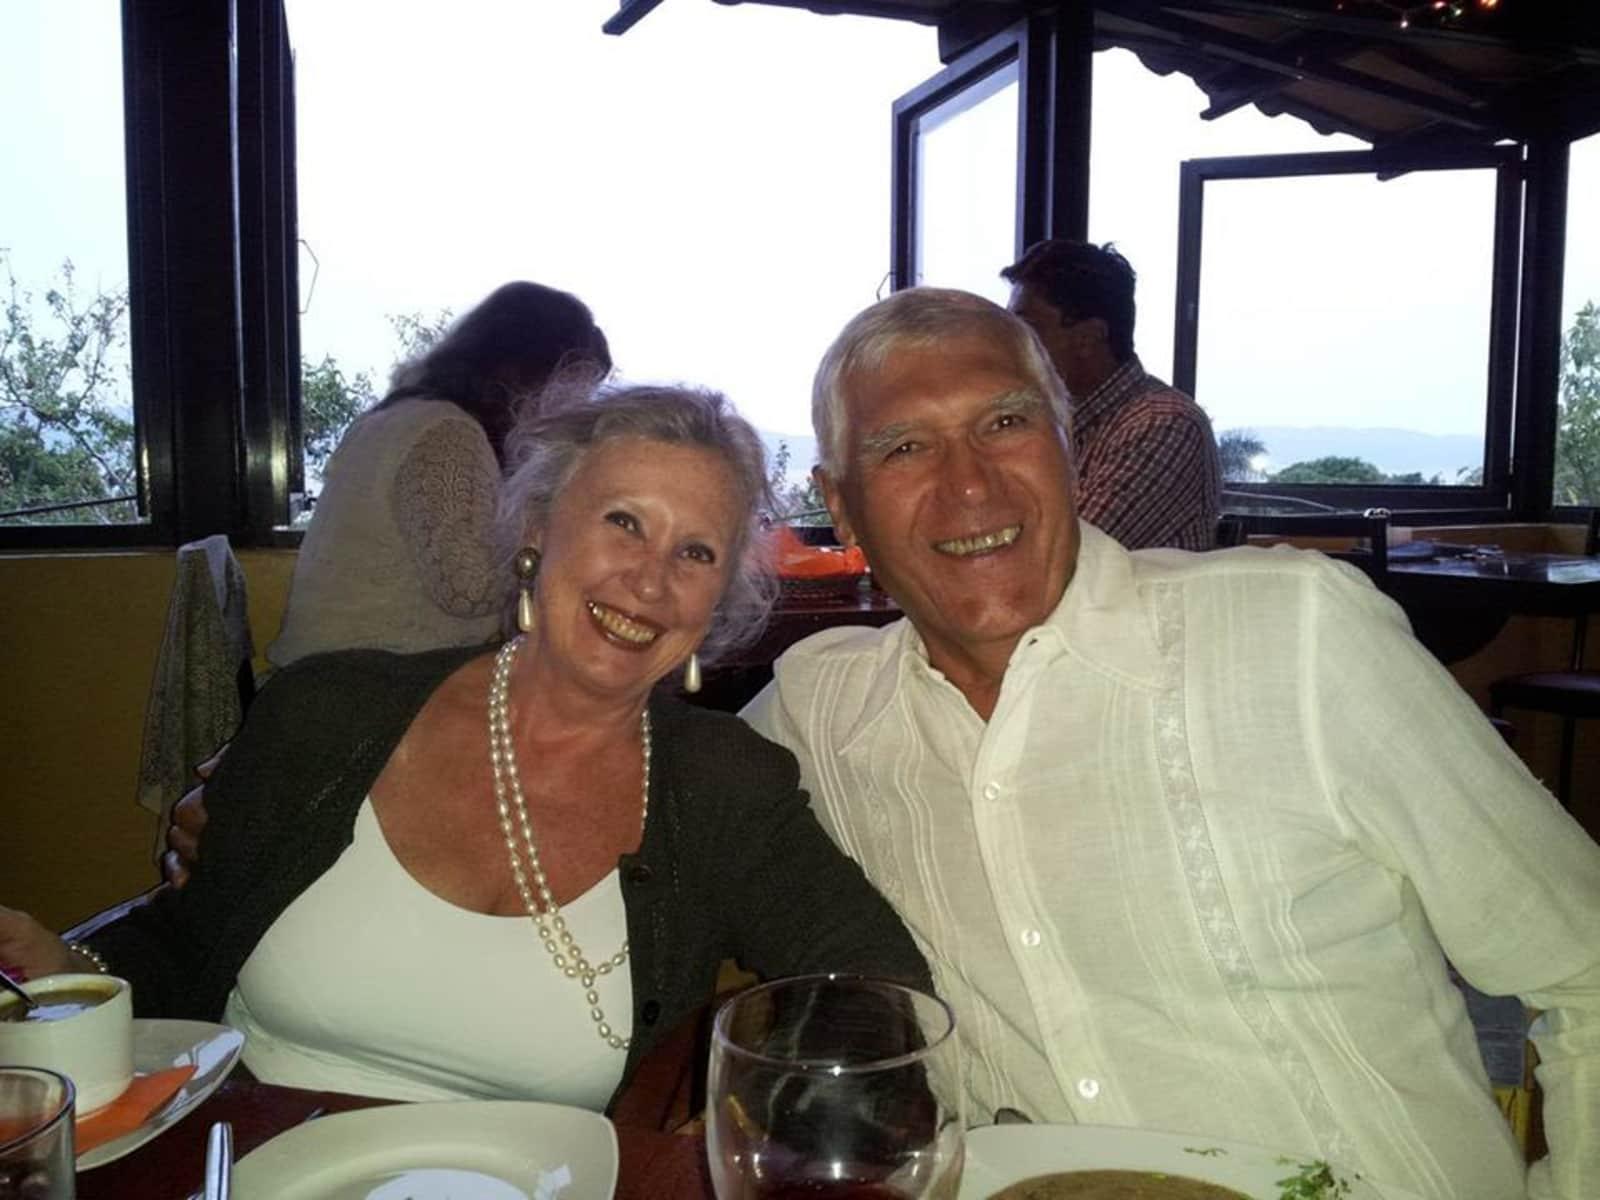 Patricia & Rick from Ajijic, Mexico